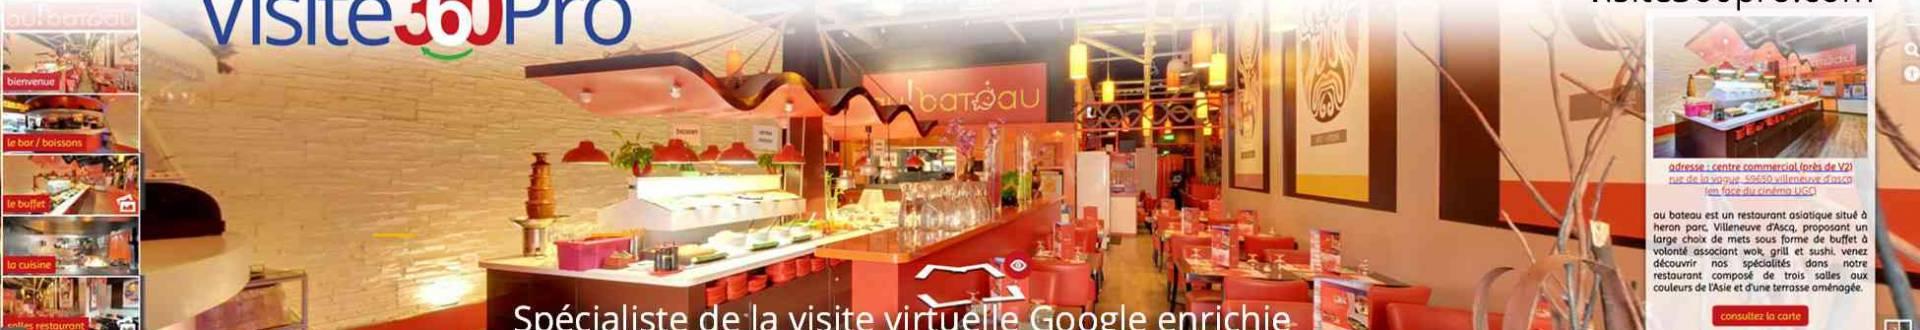 Visite 360 Pro | Lille France | 360 3D VR tours